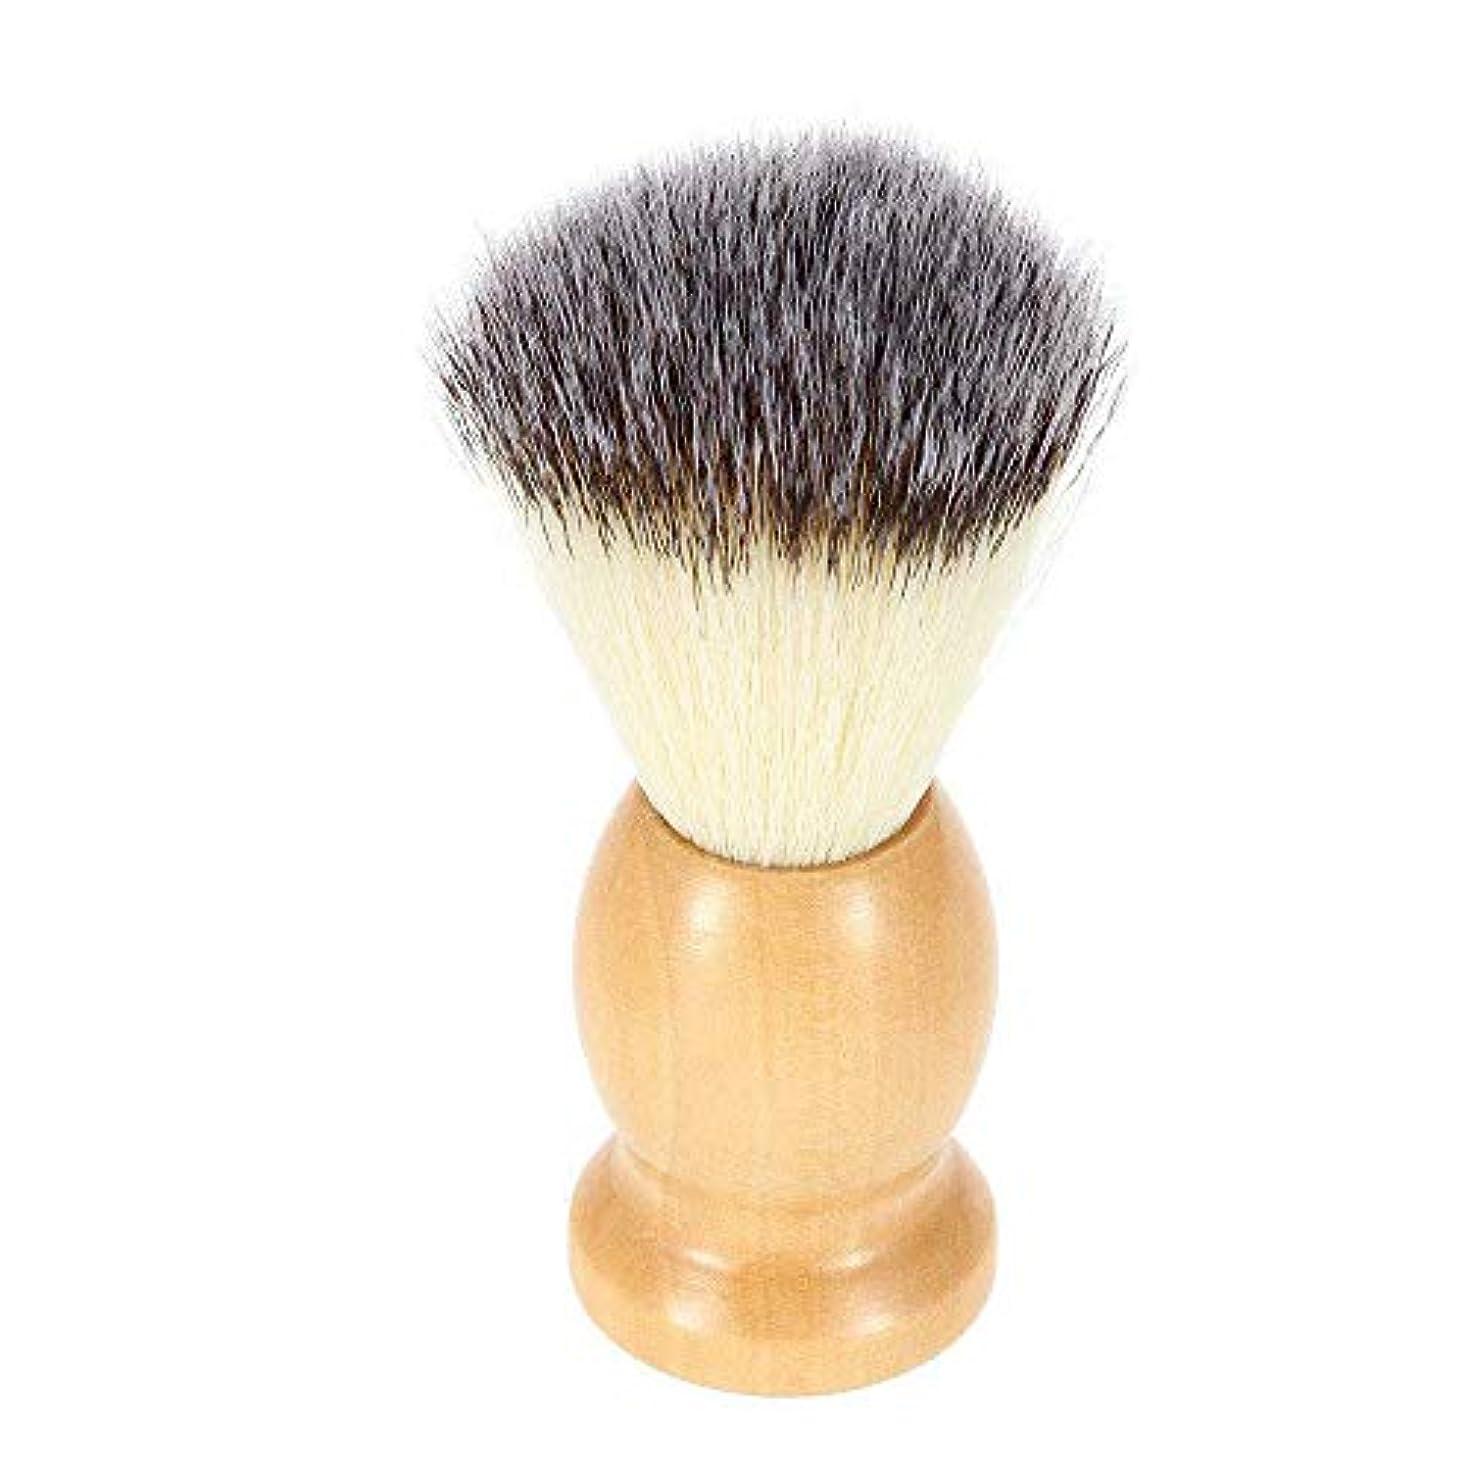 頼むソブリケット悪性の1 ナイロンひげブラシ ハンドルシェービングブラシ 泡立ち 理容 洗顔 髭剃り ご主人メンズ用ブラシ 木製ひげブラシ